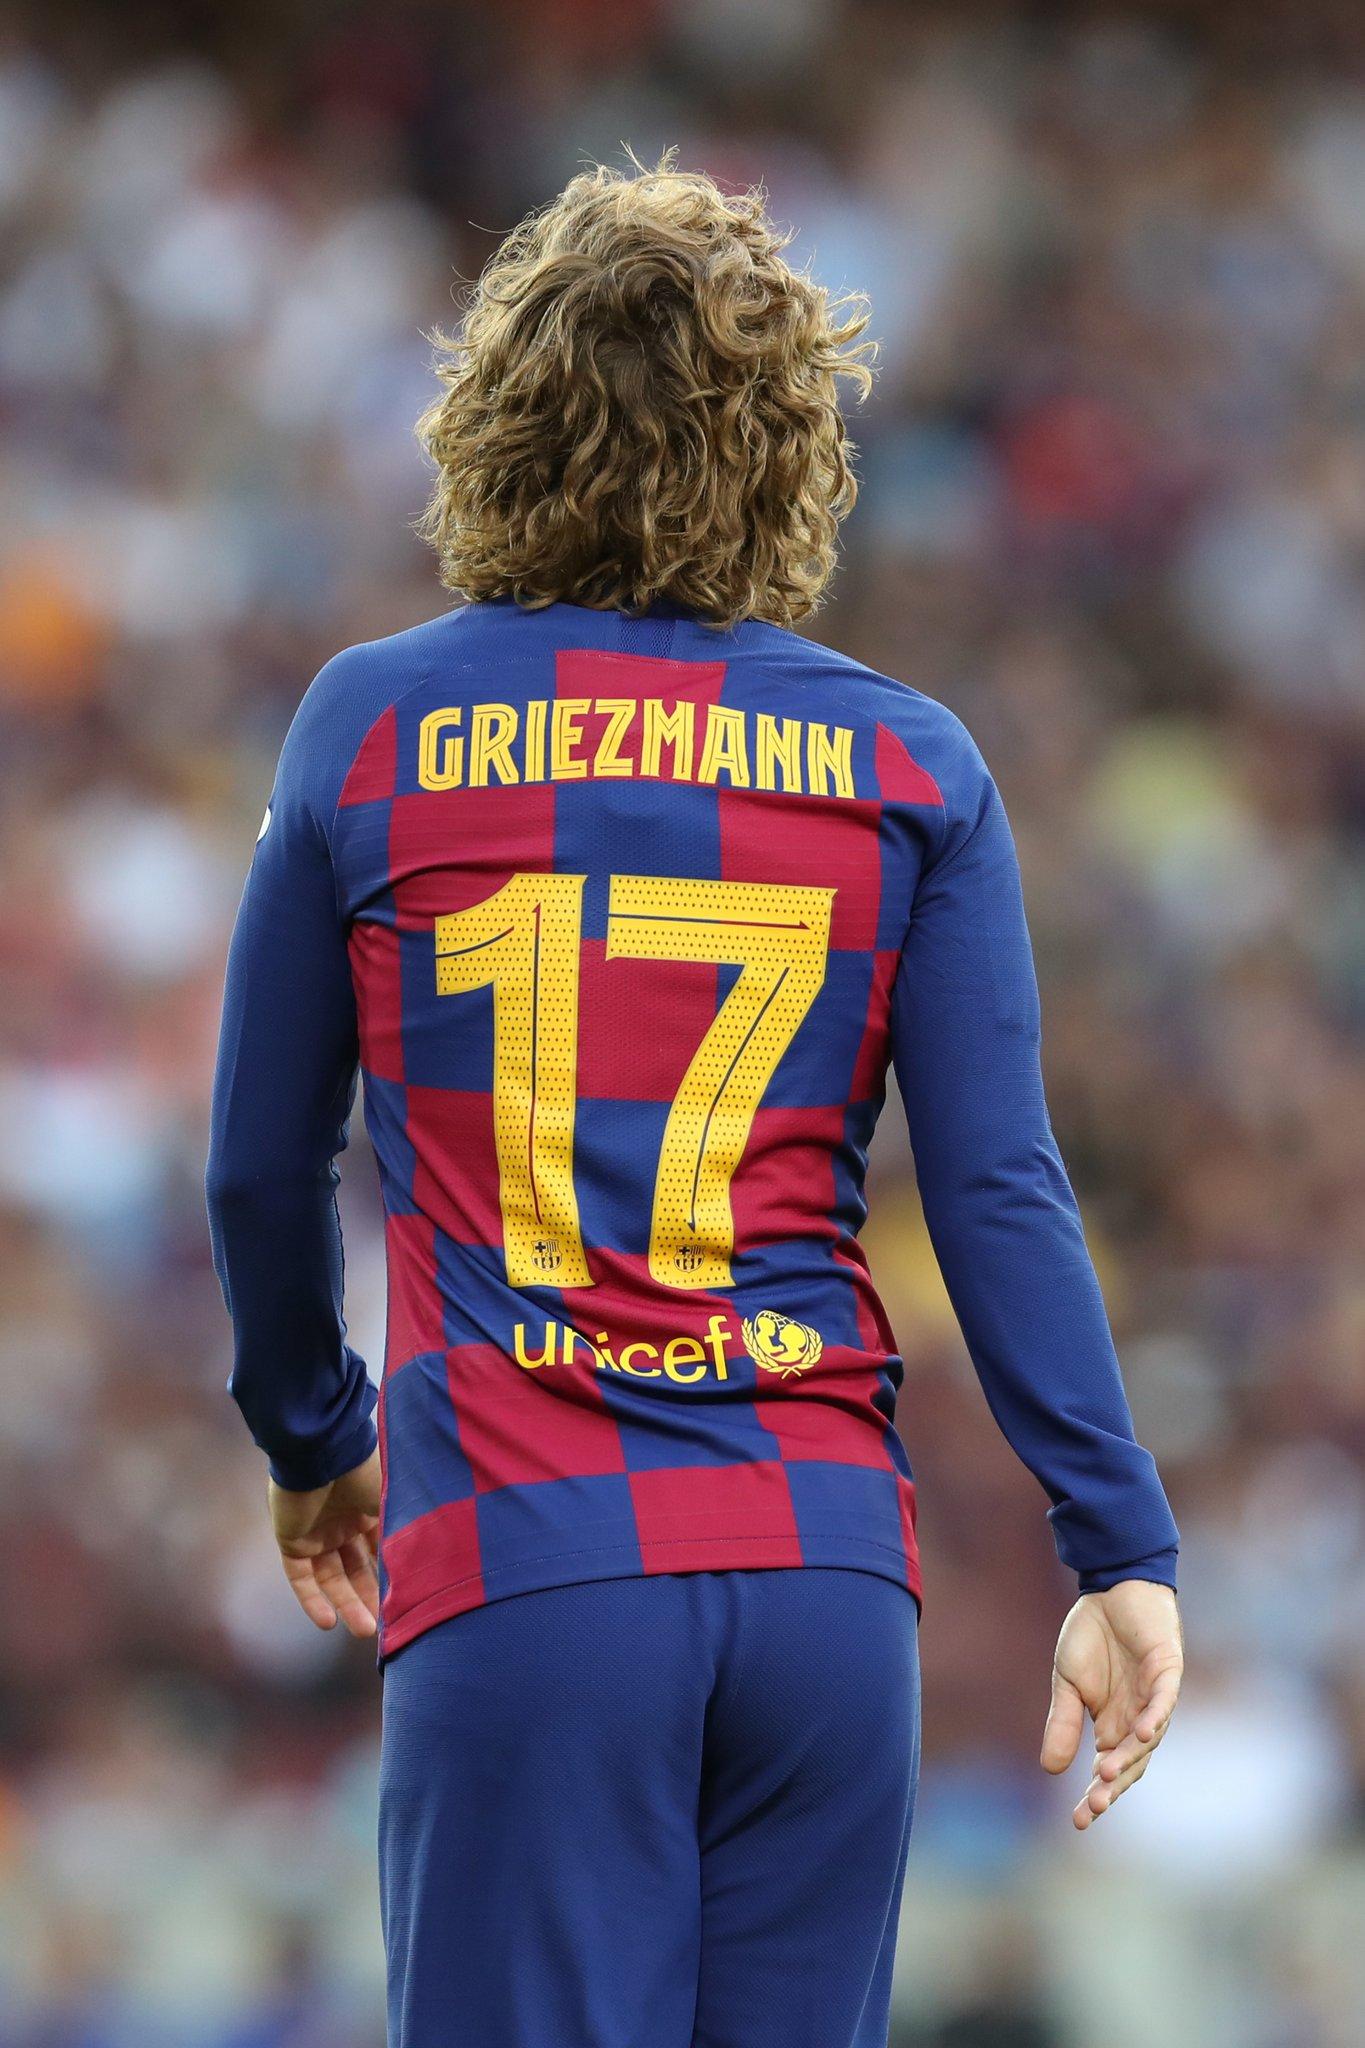 诺坎普开胡!格列兹曼前14次作为对手球员从未在此进球